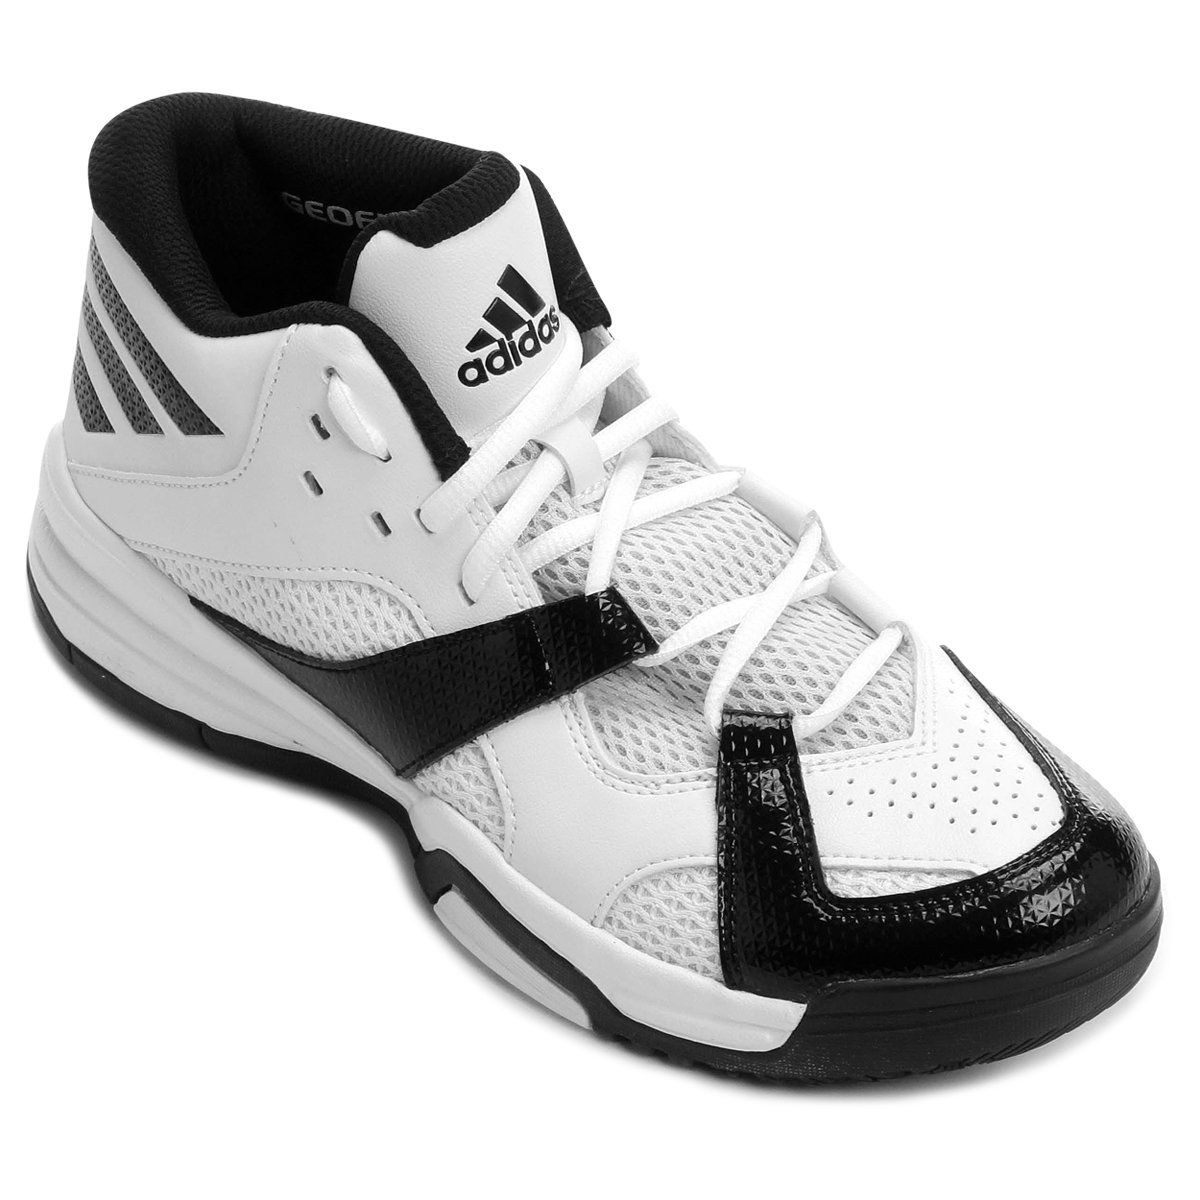 4b413a8ecd7 Tênis Cano Alto Adidas Derrick Rose First Step Masculino - Compre Agora